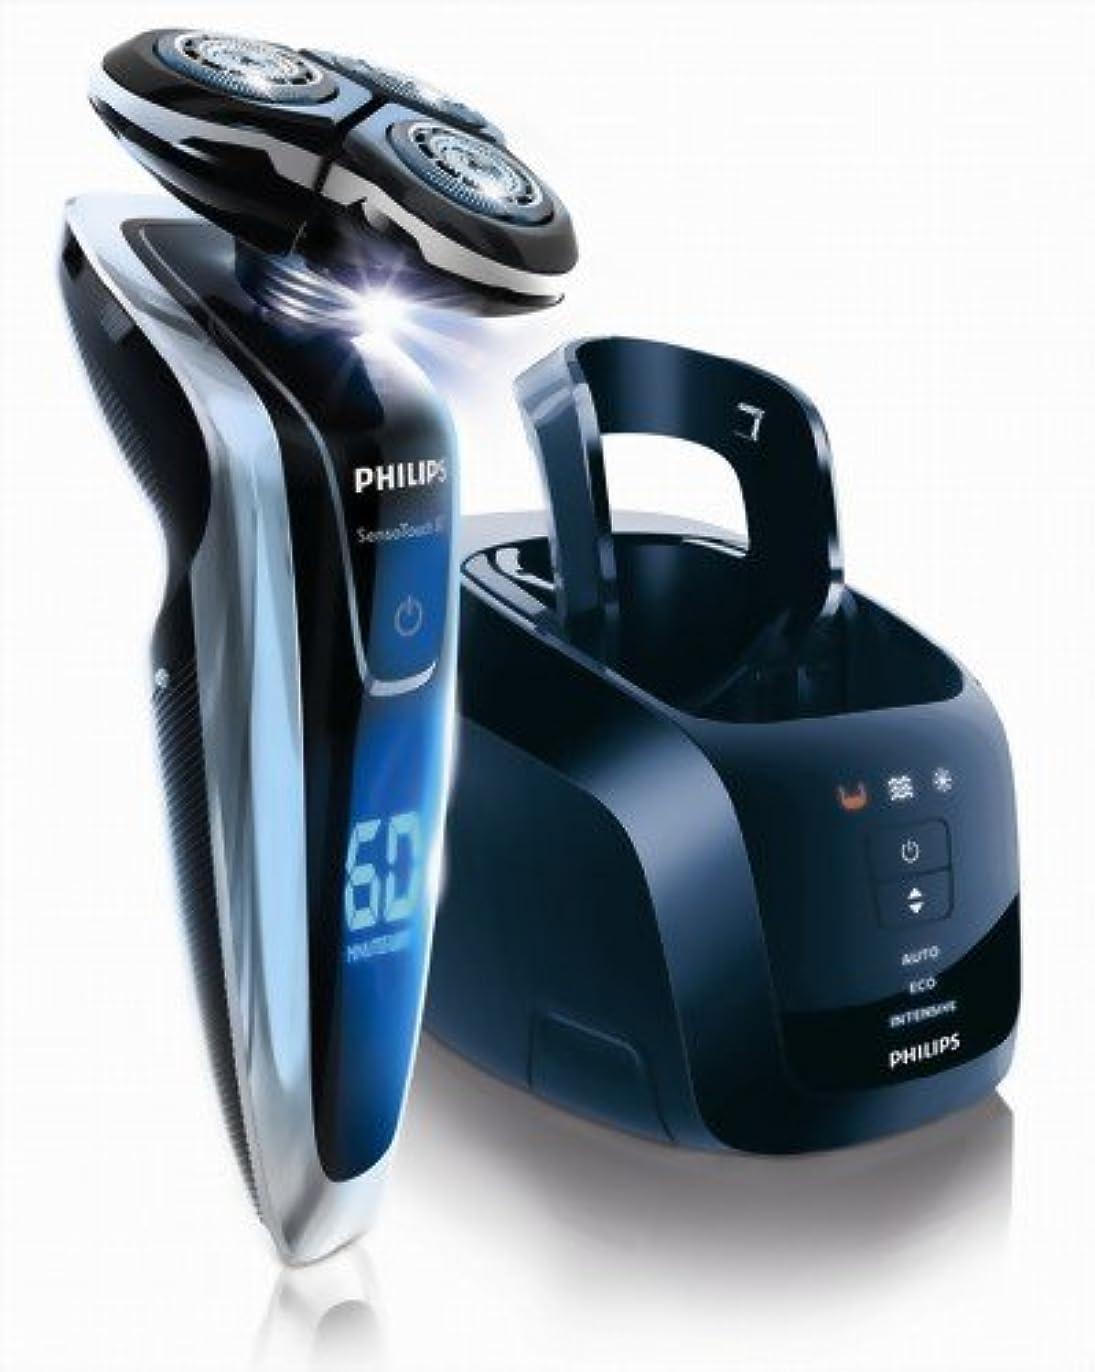 無意味登場内なるPHILIPS 3Dシェーバー【洗浄充電器付】センソタッチ3D RQ1280CC